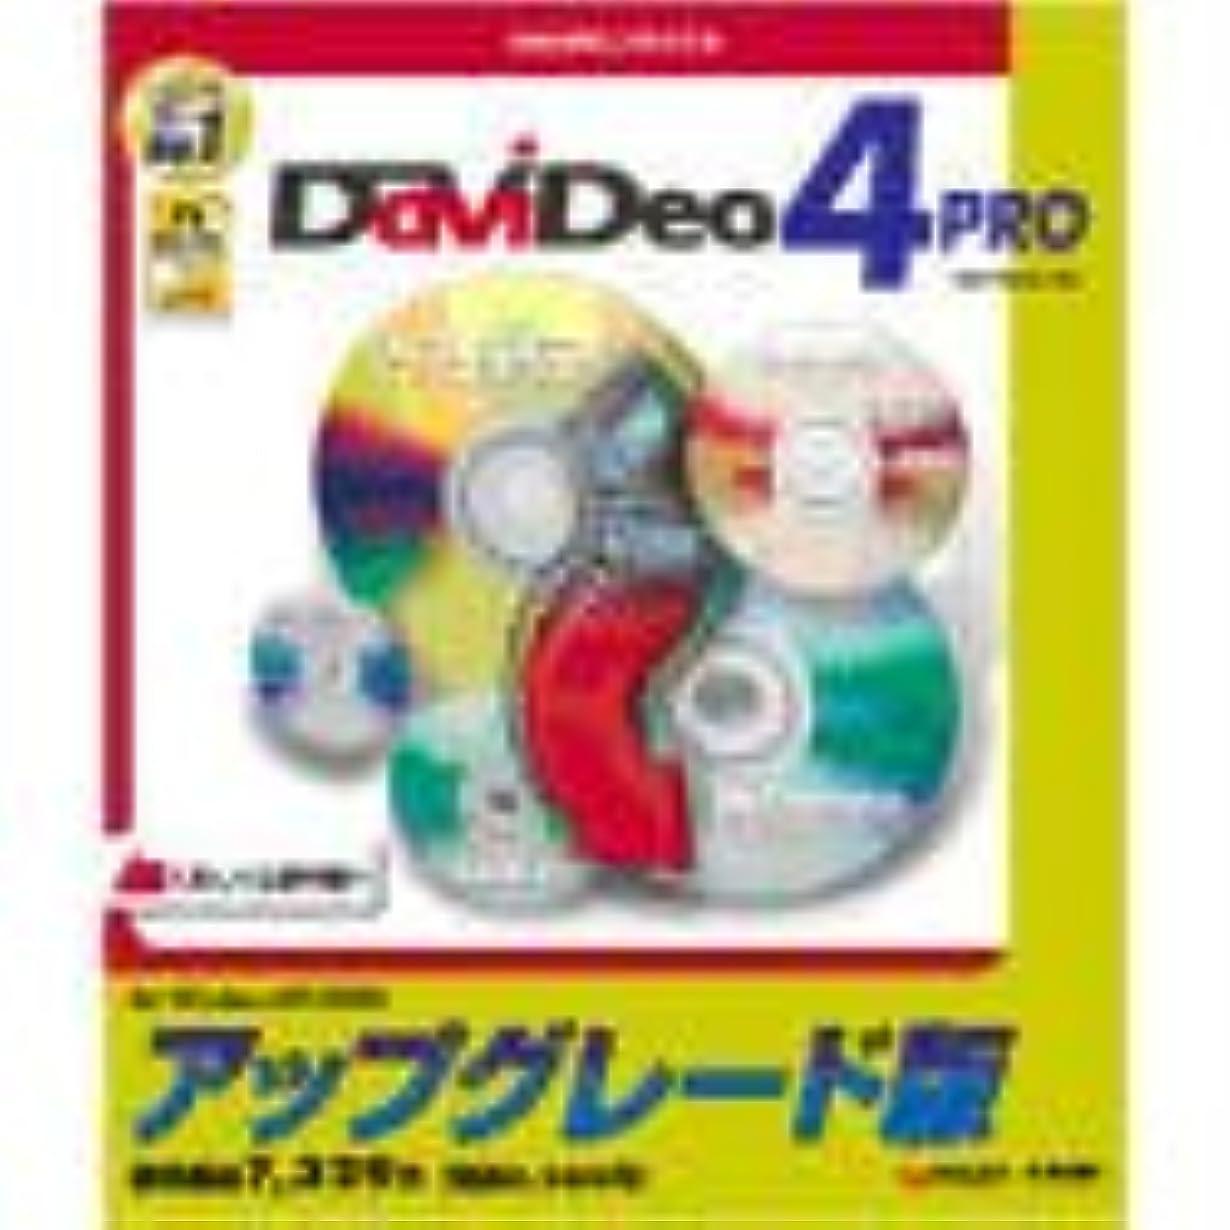 救急車スキッパー疑わしいDaViDeo 4 Pro アップグレード版